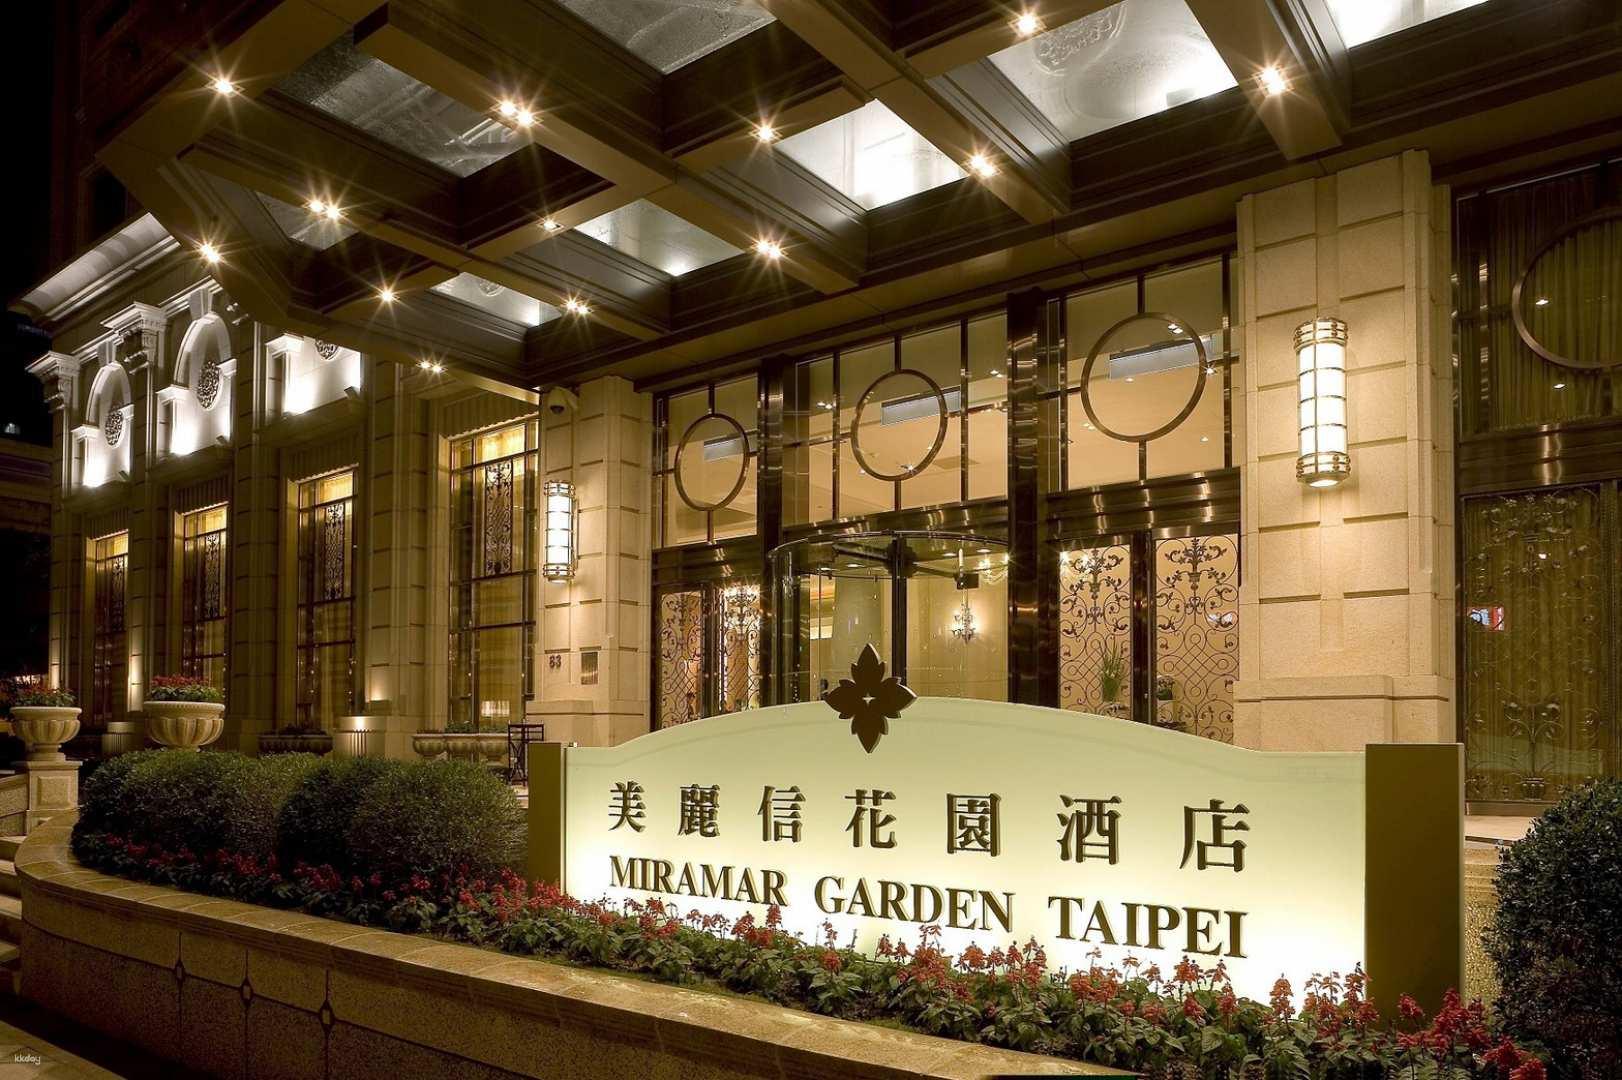 台北-(防疫旅館)美麗信花園酒店住宿| 一泊三食-15晚居家檢疫專案| 零接觸入住